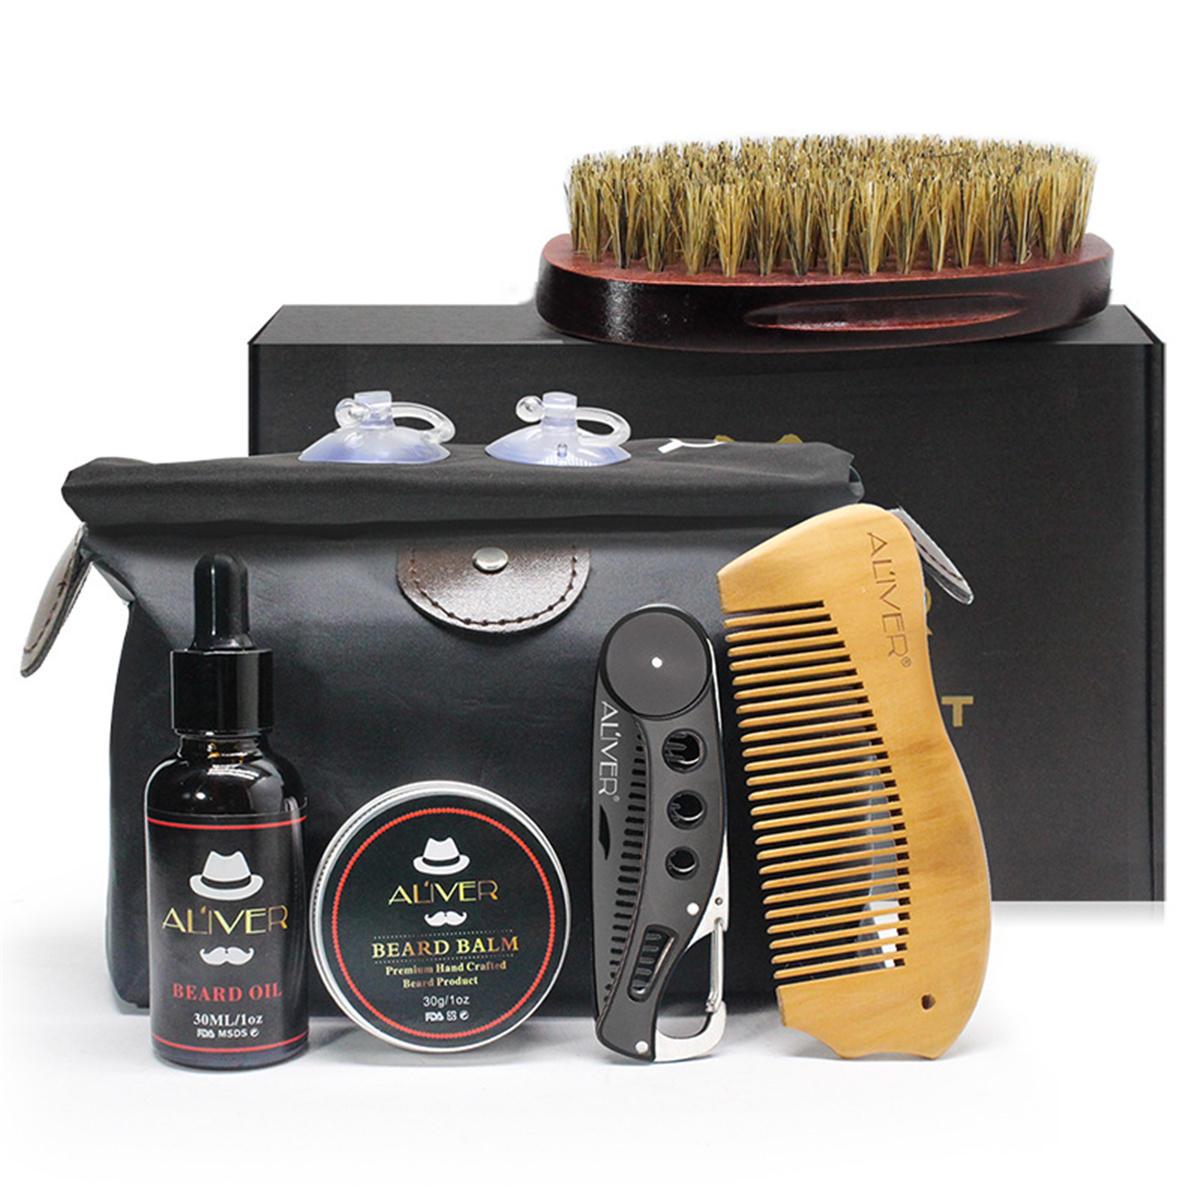 7Pcs Kit de ferramentas para cuidados com a barba Conjunto de ferramentas de limpeza para bigodes Styling Kits de limpeza Escova + Pente + creme Óleo + Bálsamo + Armazenamento Bolsa